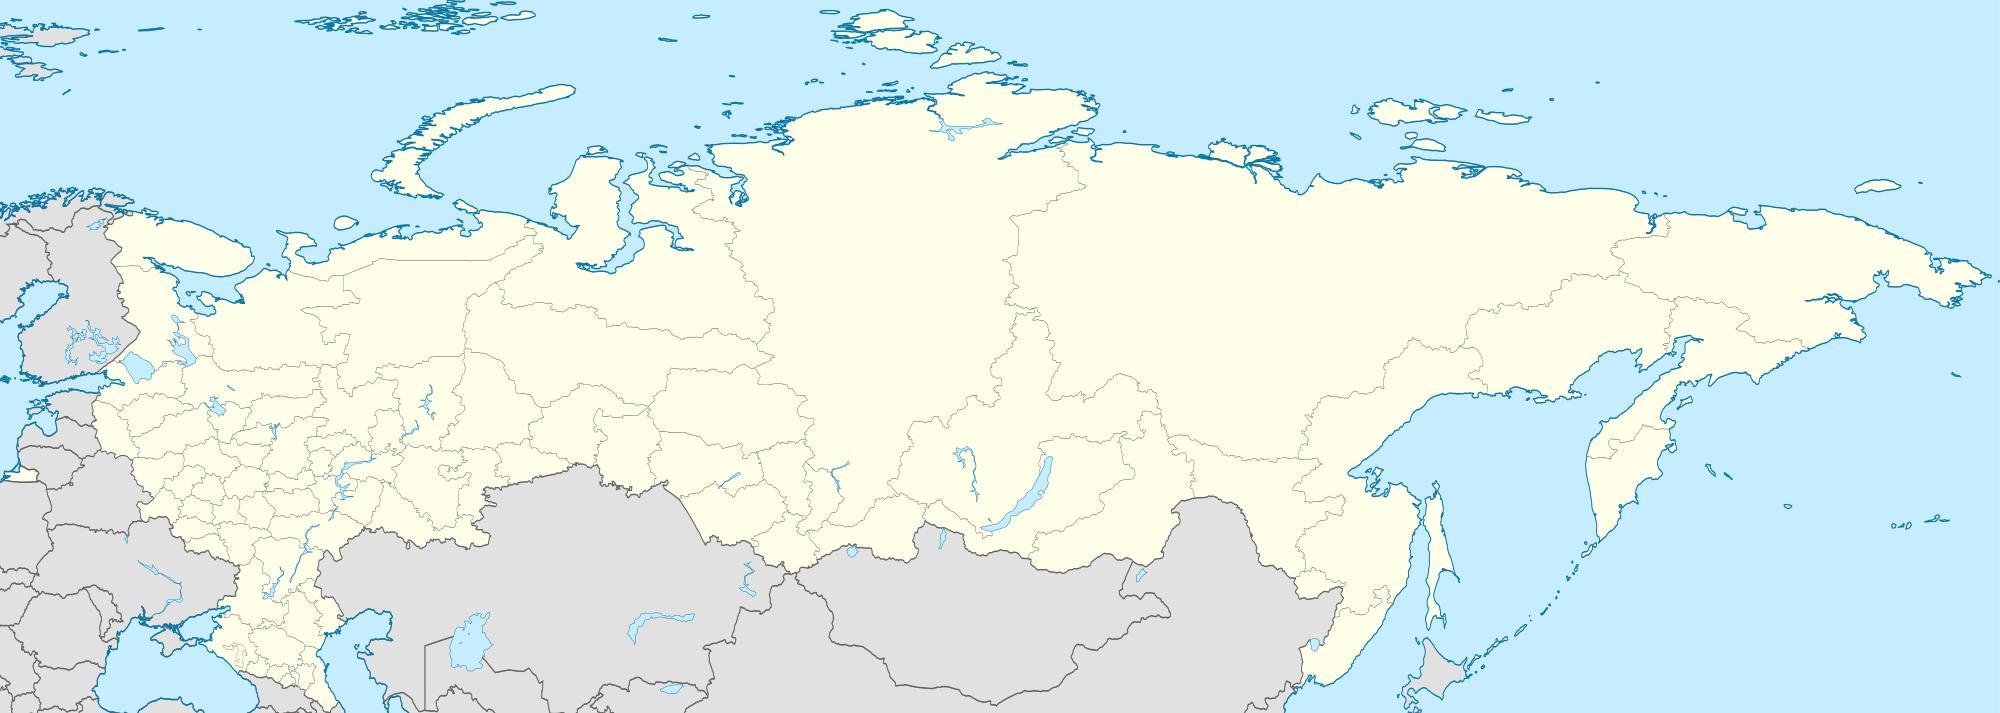 térkép wikipédia Oroszország térkép wikipédia   Térkép Oroszország wikipédia (Kelet